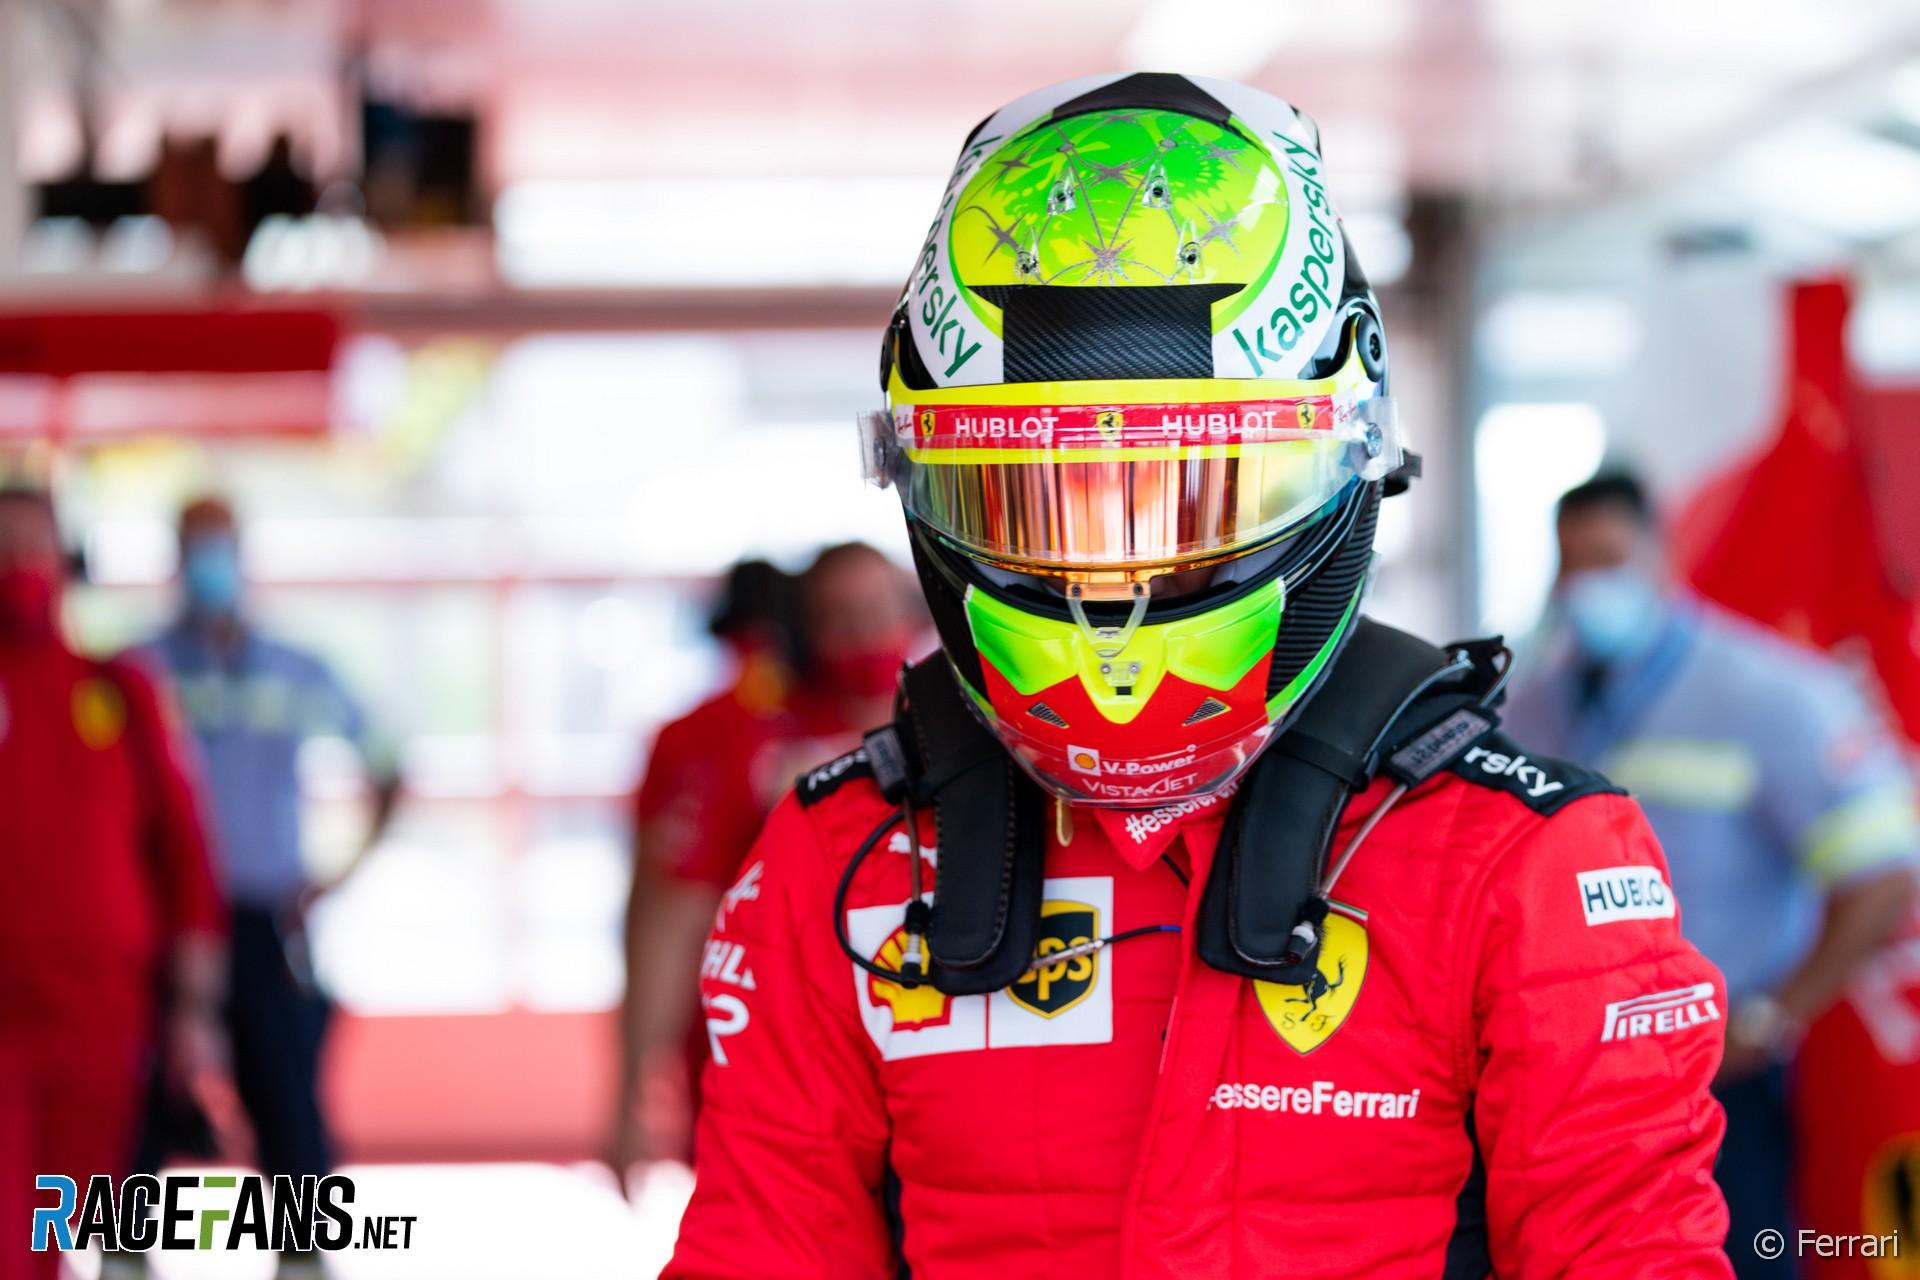 Mick Schumacher Ferrari Fiorano 2020 Racefans